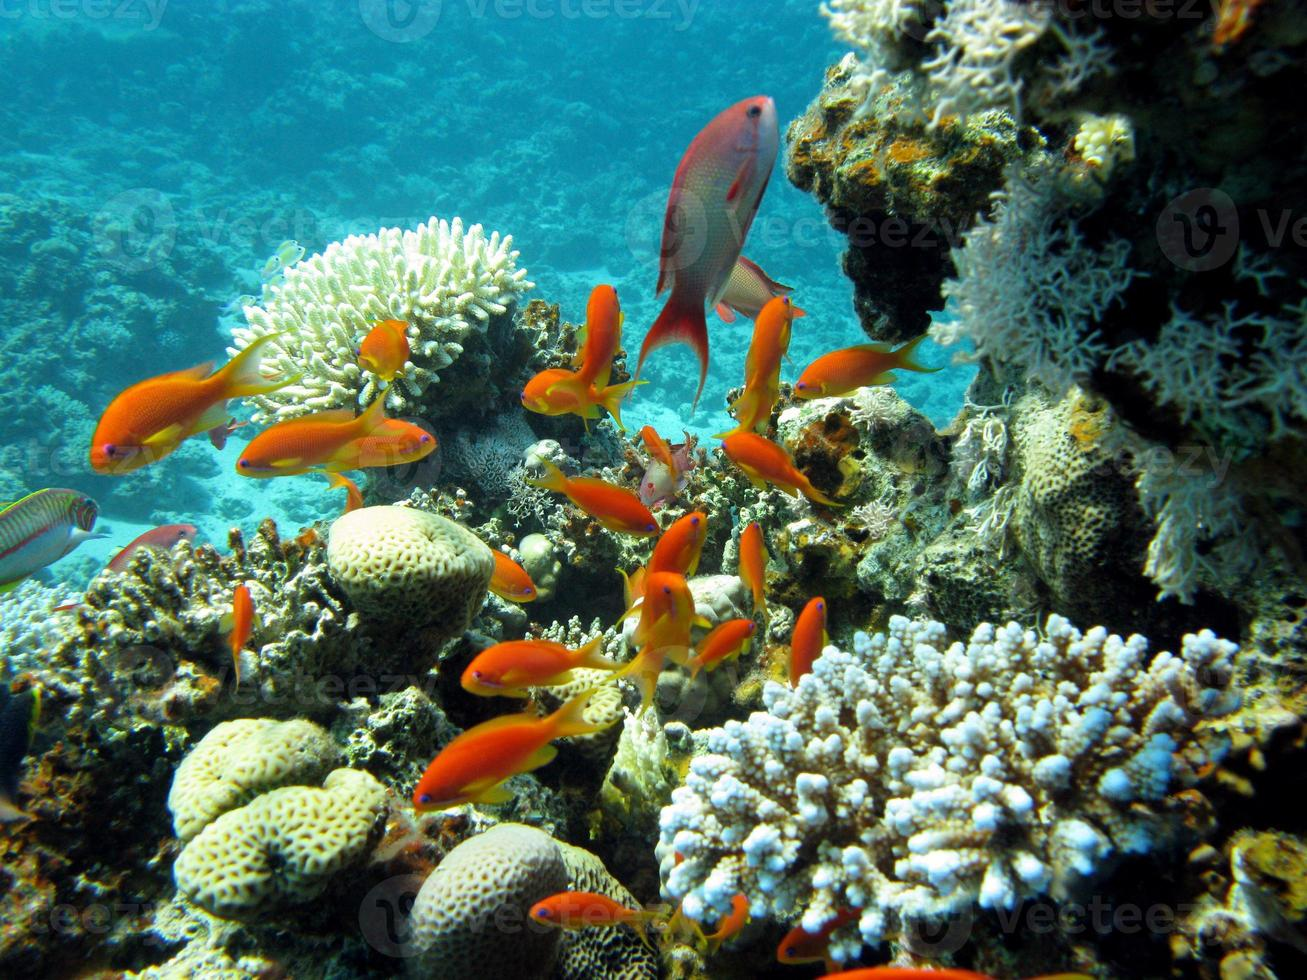 färgglada korallrev med fiskar anthias i tropiska havet foto